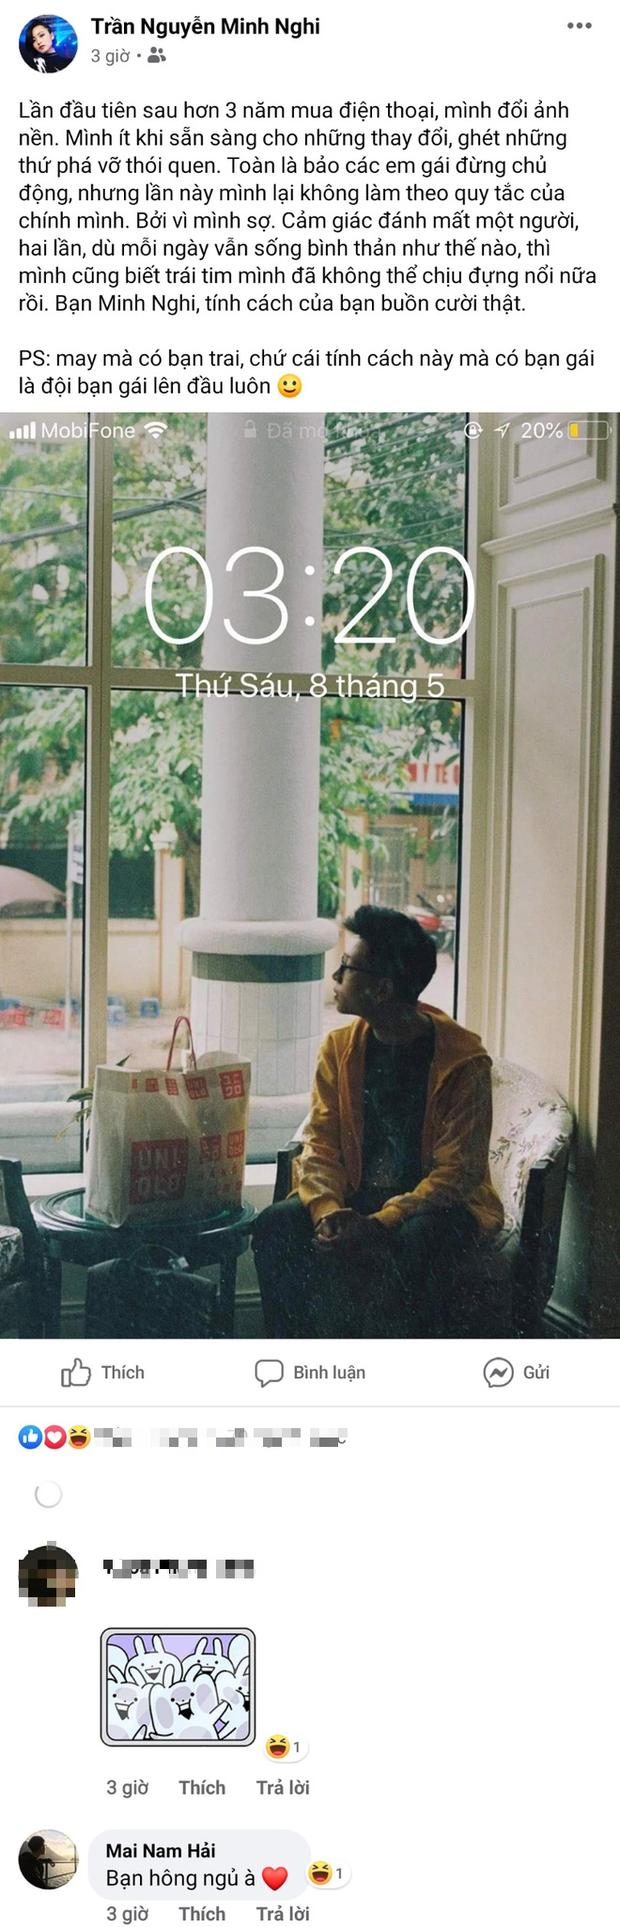 Hậu công khai tình cảm cặp đôi Minh Nghi - Bomman: Hóa ra người trong cuộc đã ẩn ý tình trong như đã suốt mấy tuần qua rồi - Ảnh 1.